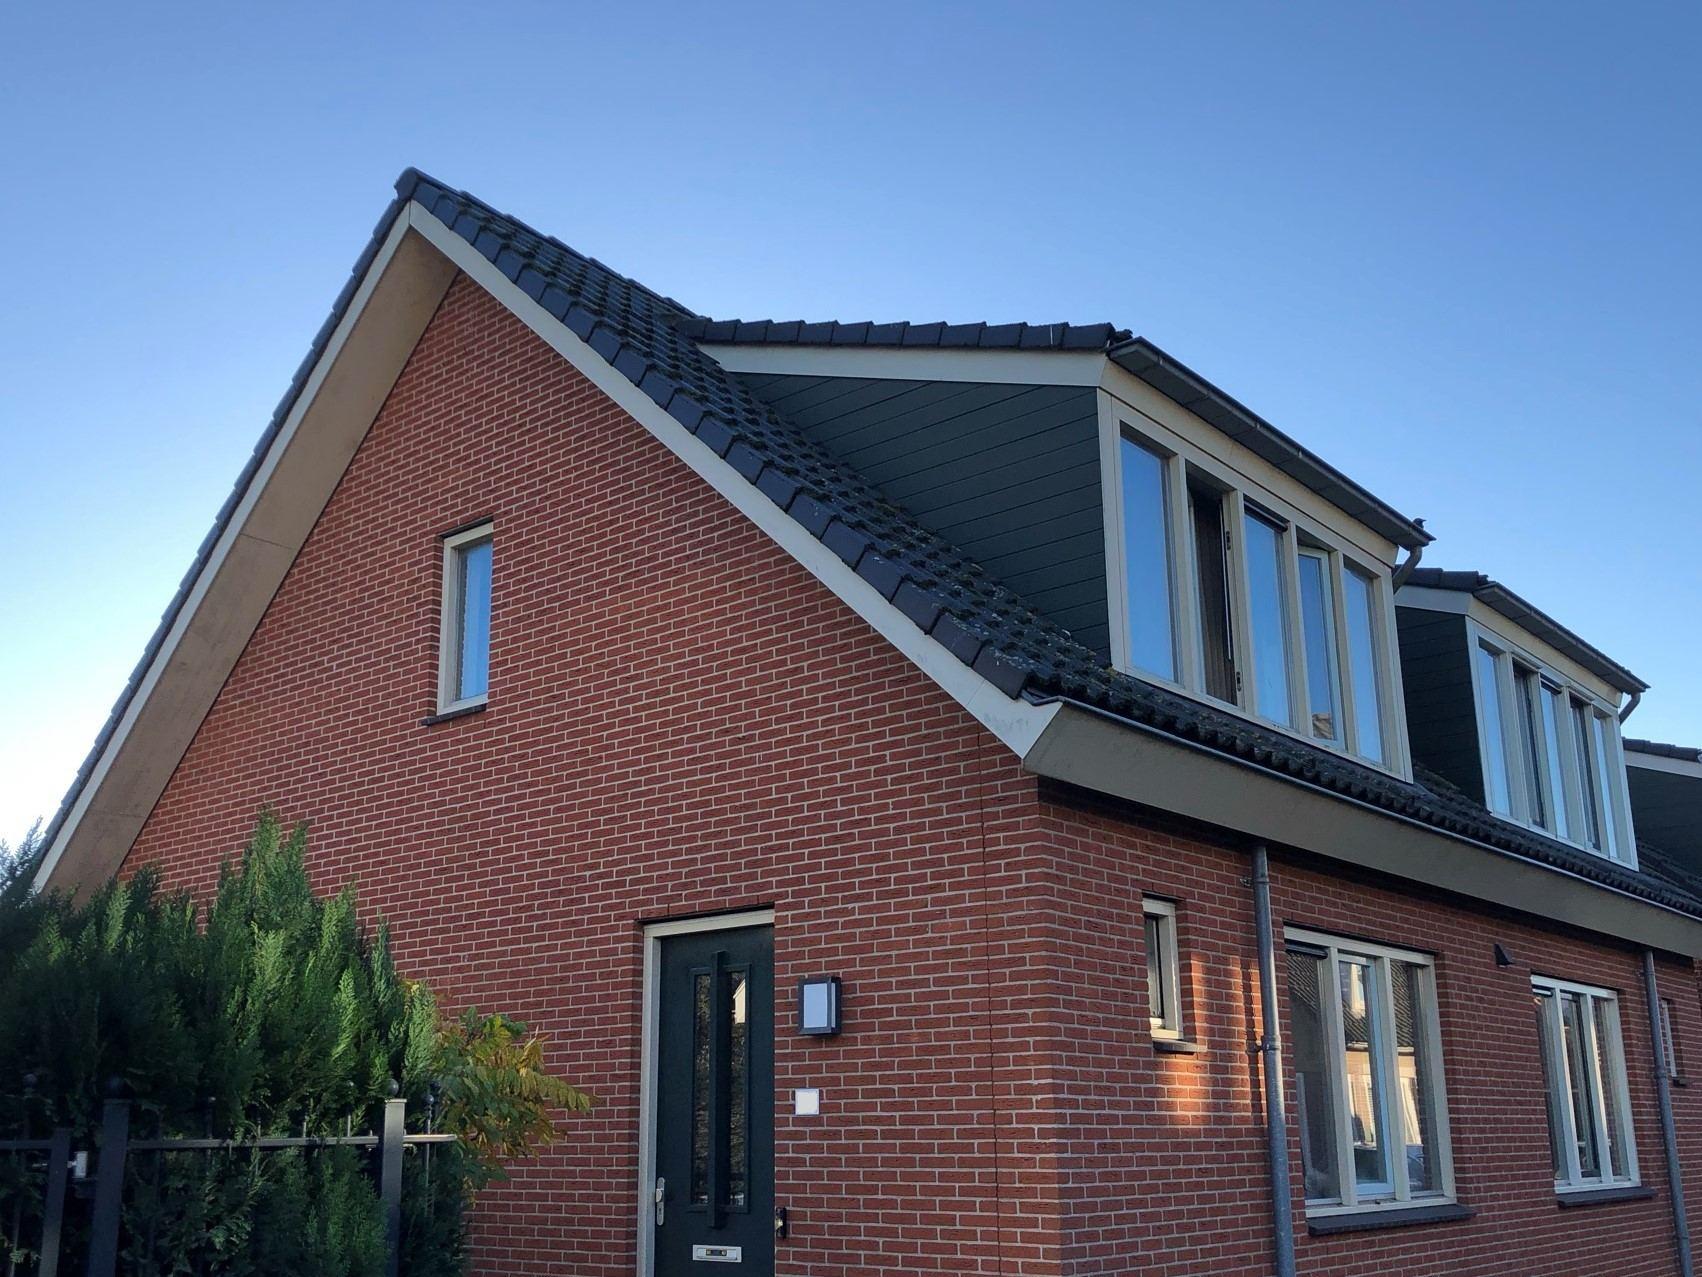 Dakkapel ontwerp schuin dak op woonhuis